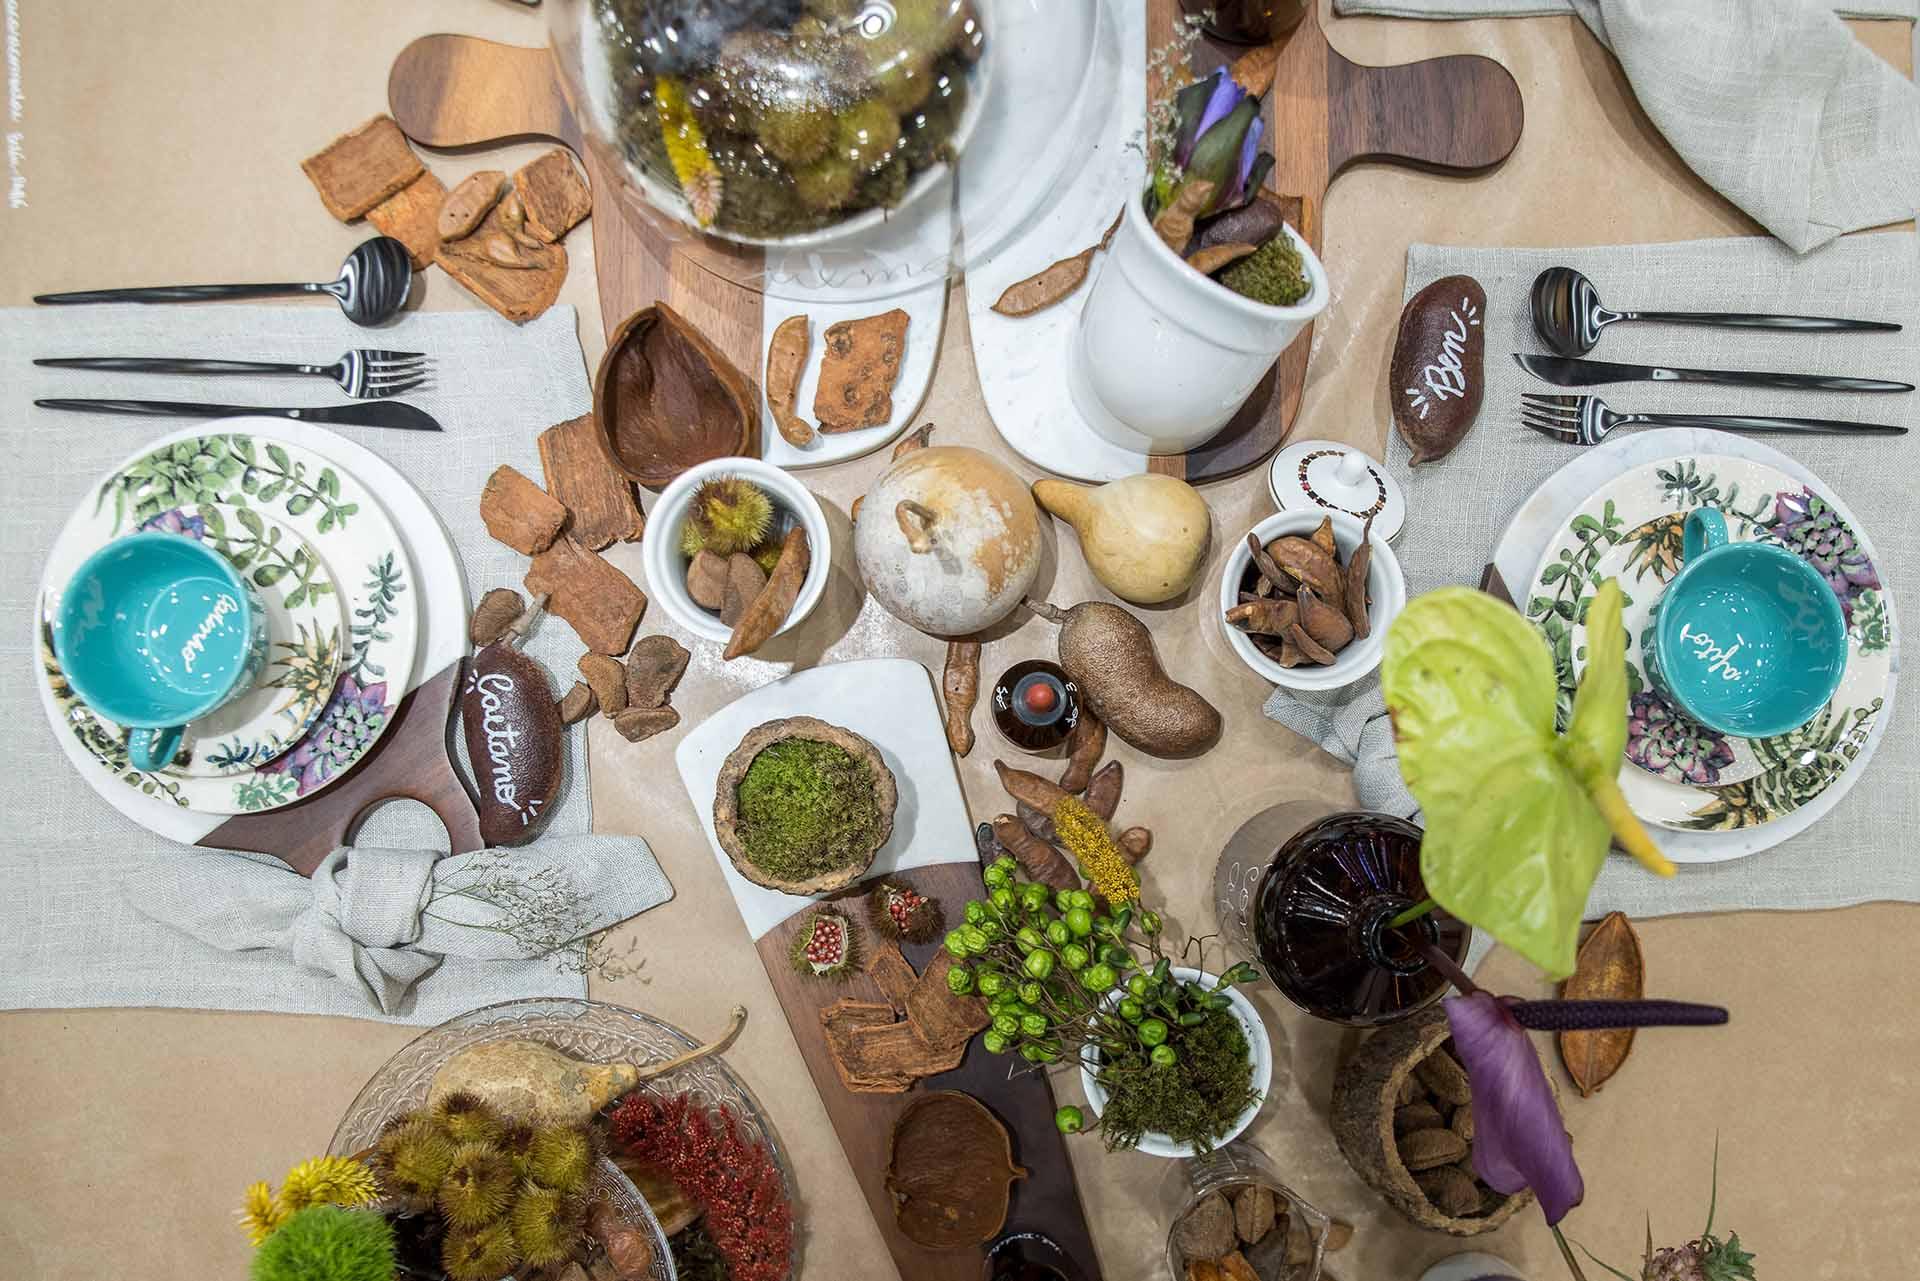 Texto: Elementos da natureza, típicas do Pará, trazem harmonia à mesa e tornam a composição lúdica. Foto: Henrique Peron.